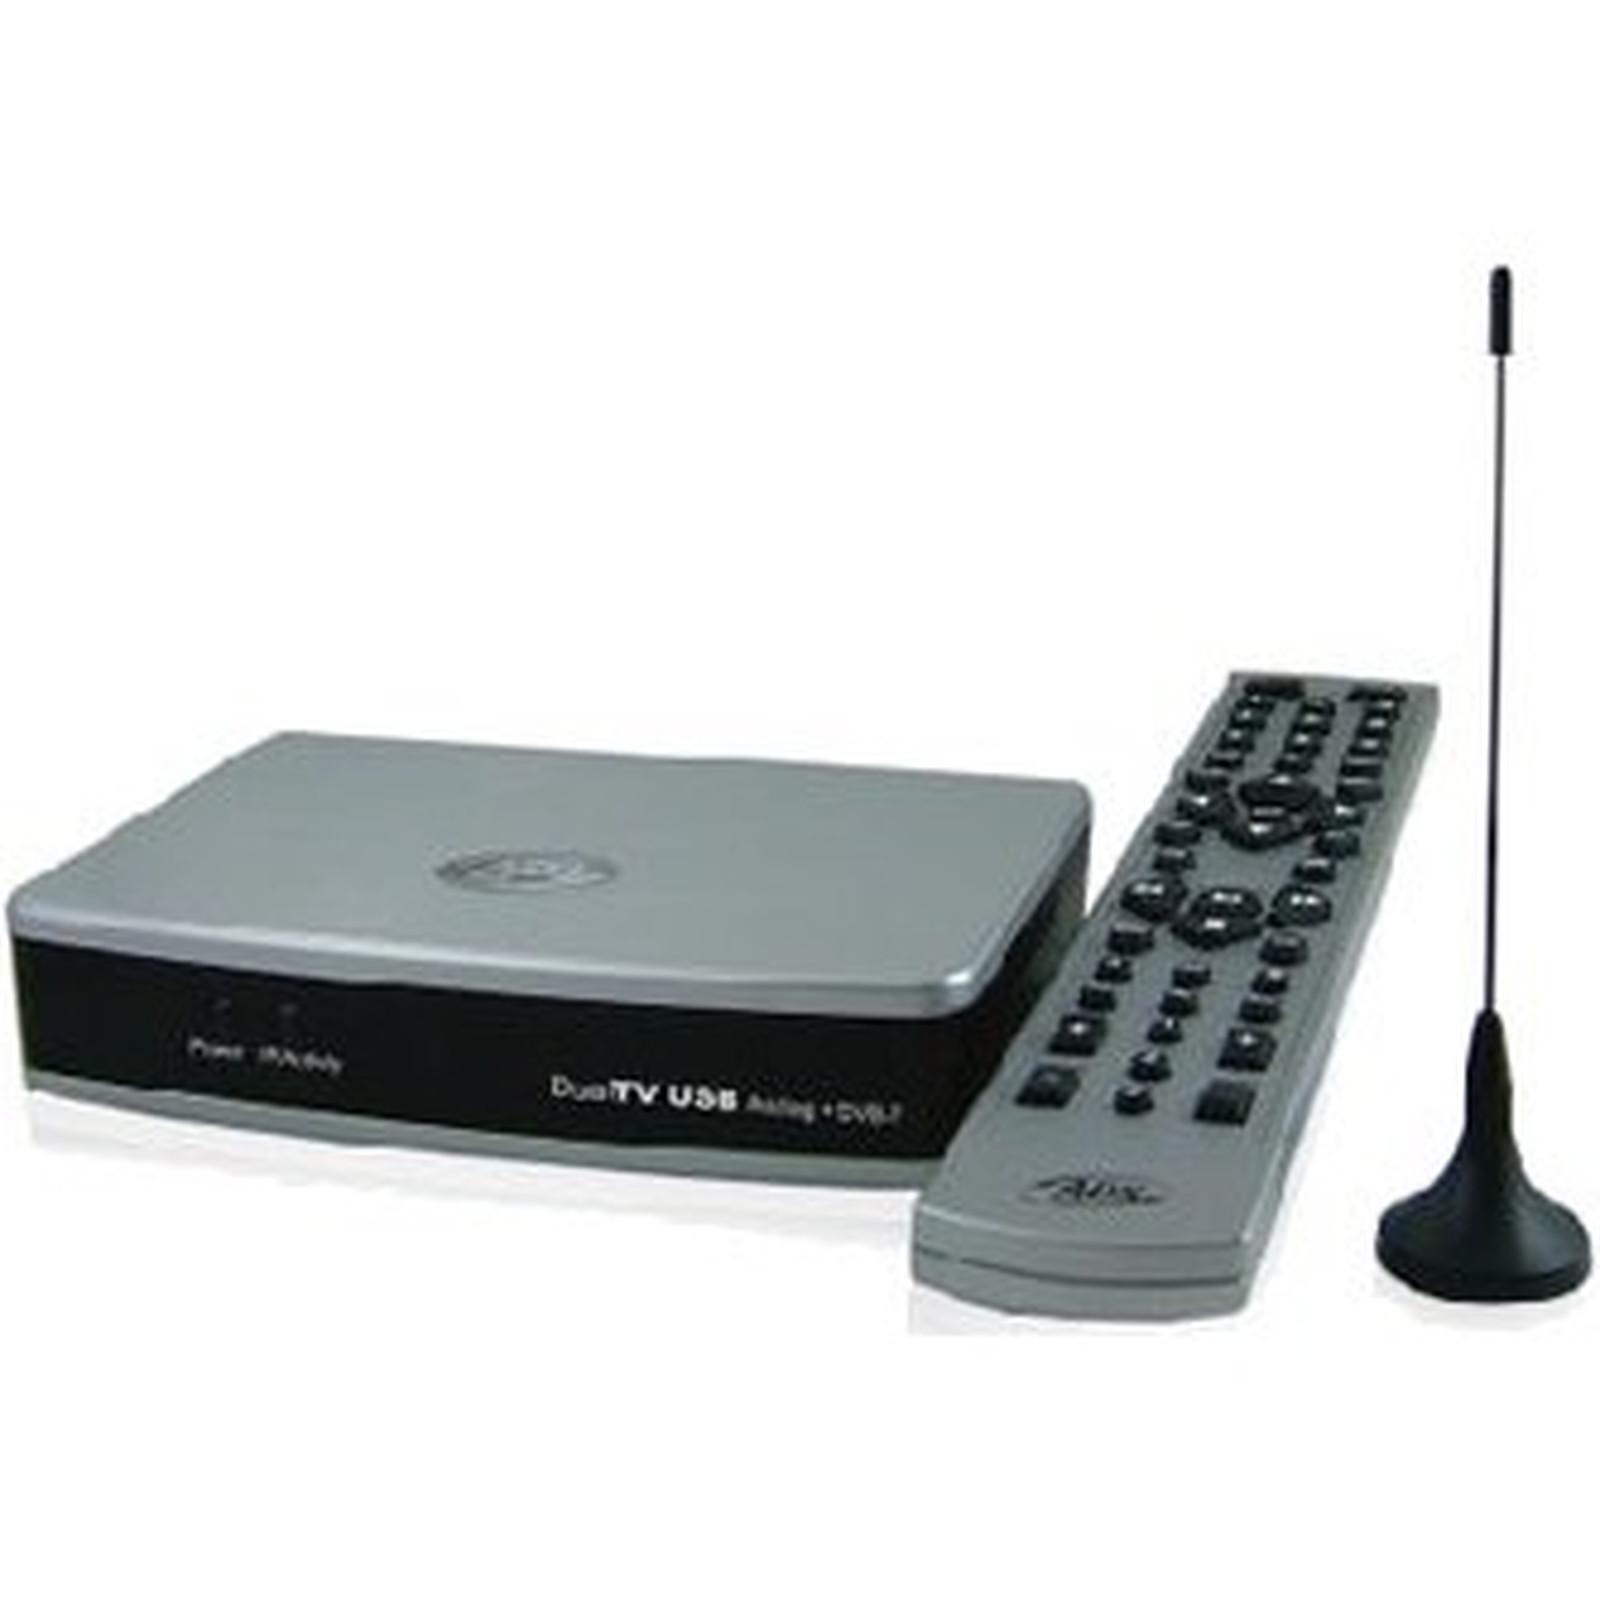 DRIVERS ADS PTV 332-EF DUALTV USB ANALOG DVB-T